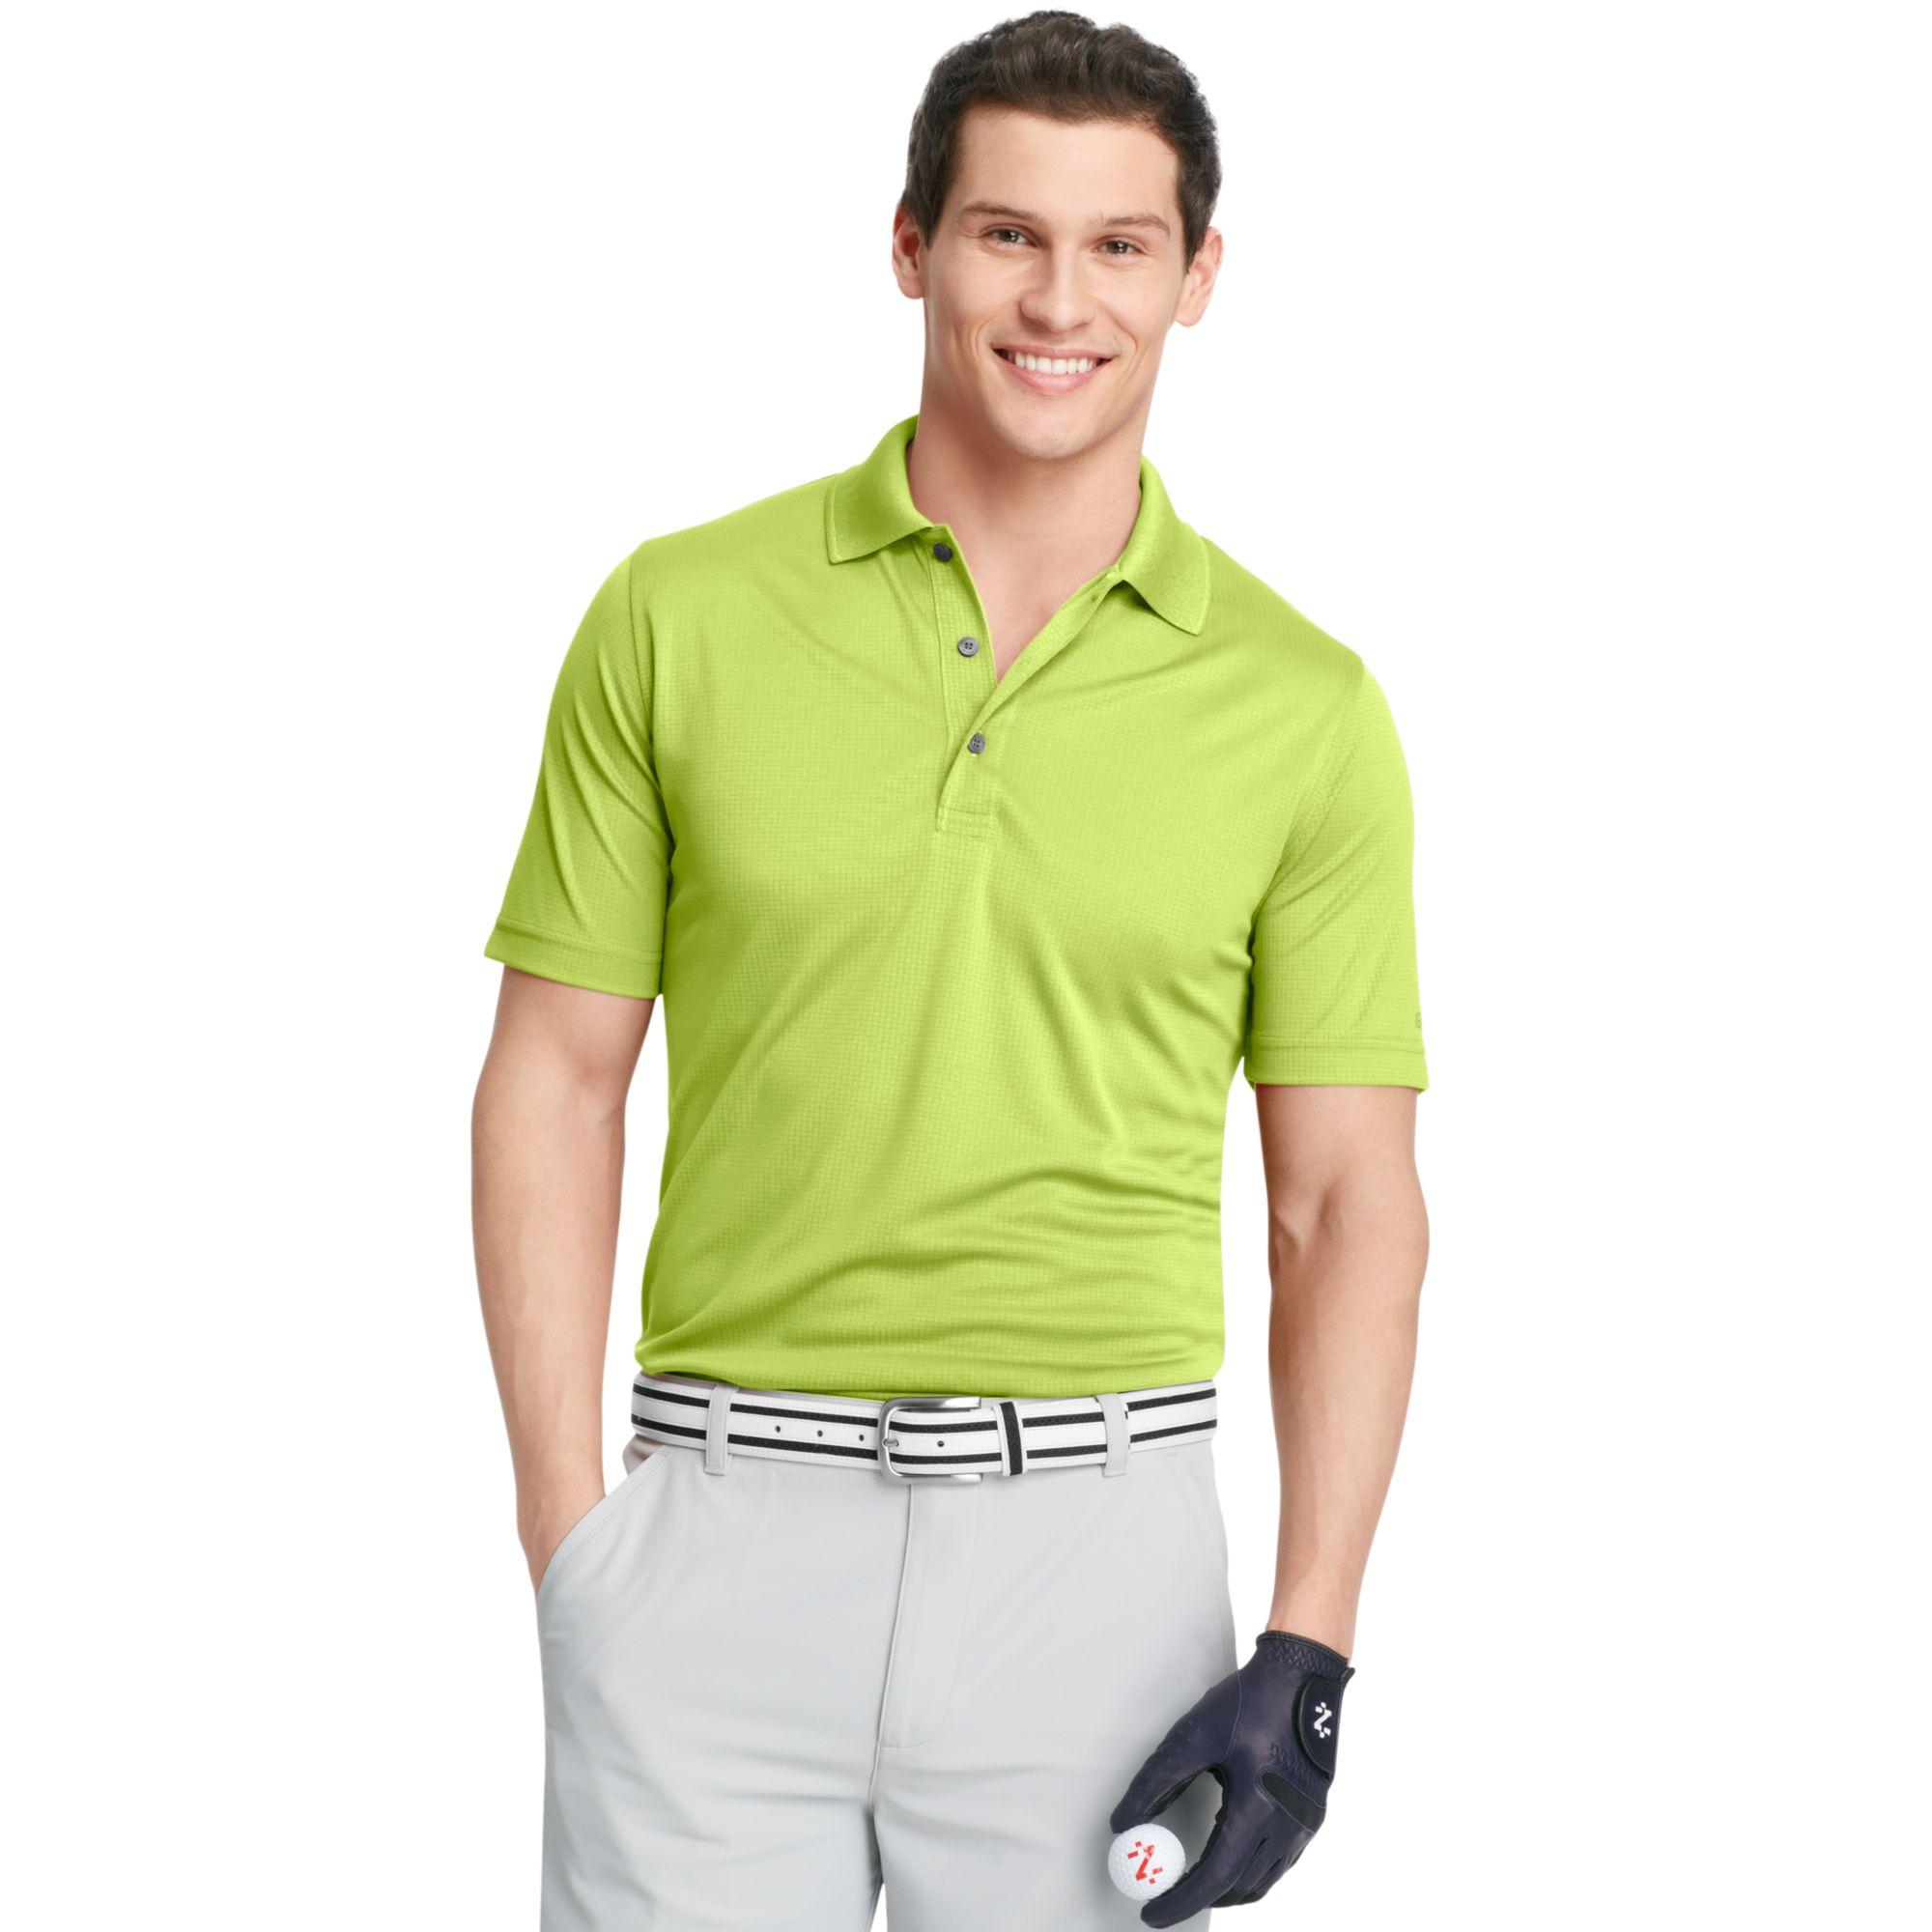 aa4df99ee4b37 Izod Golf Shirts For Ladies